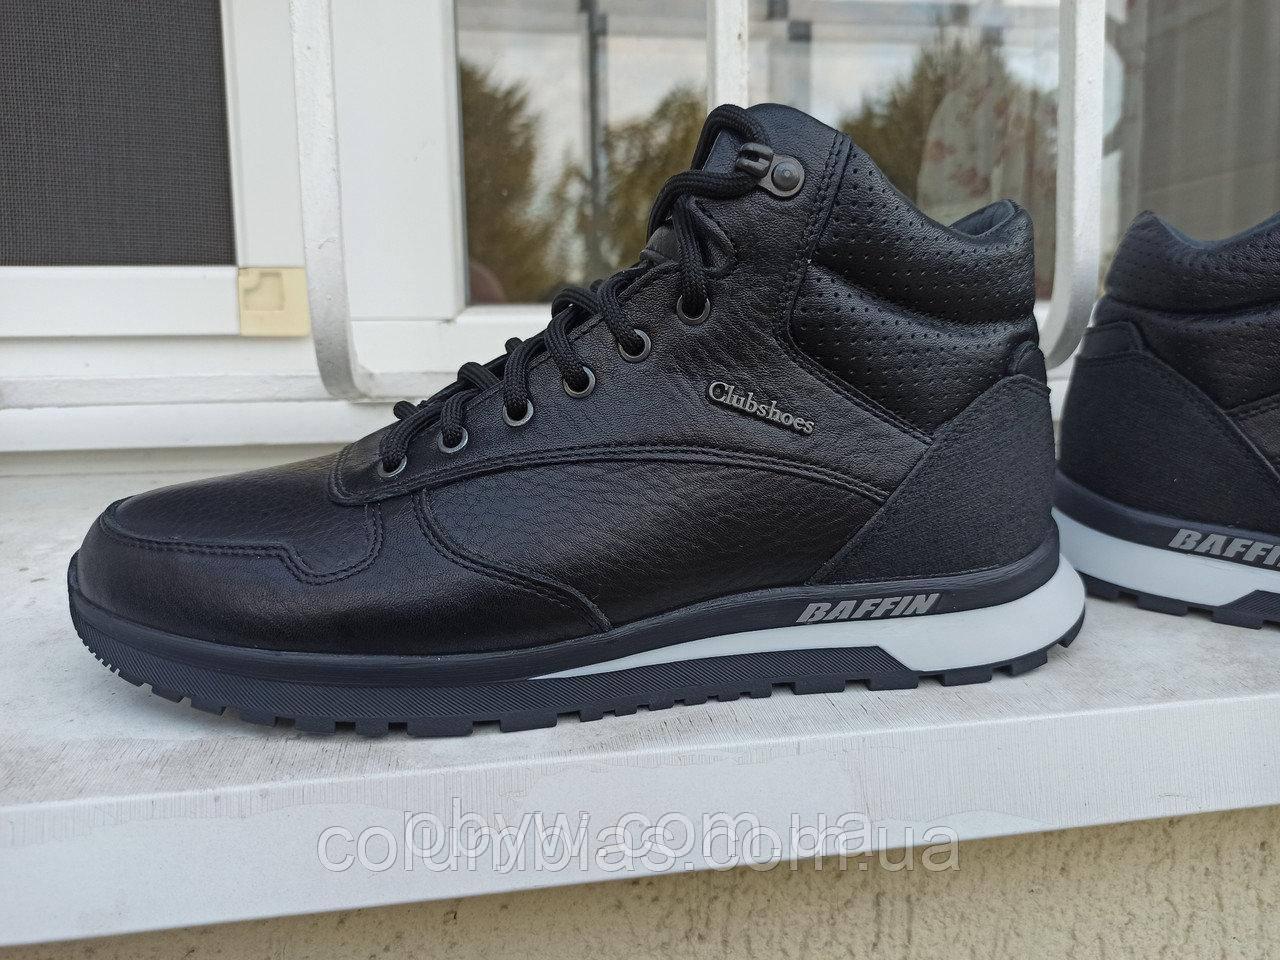 Зимові черевики Baffin sport boots.